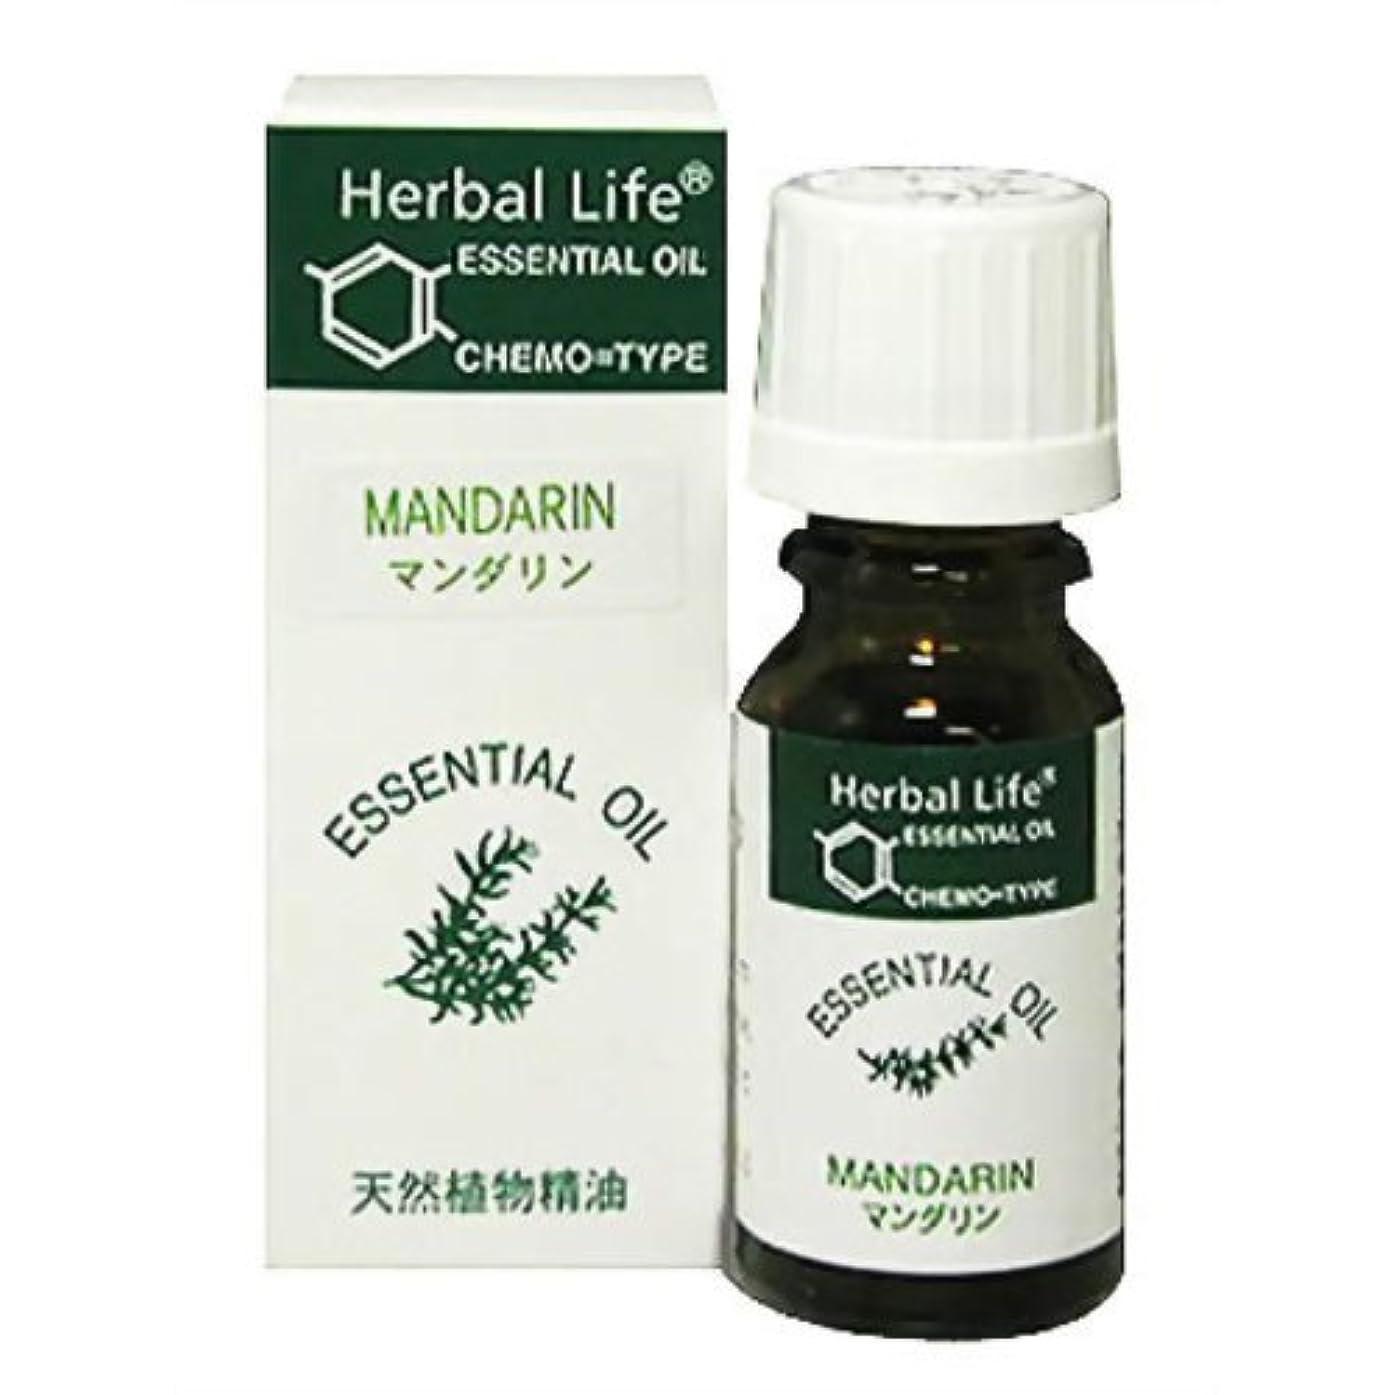 債務溶ける超える生活の木 Herbal Life マンダリン 10ml